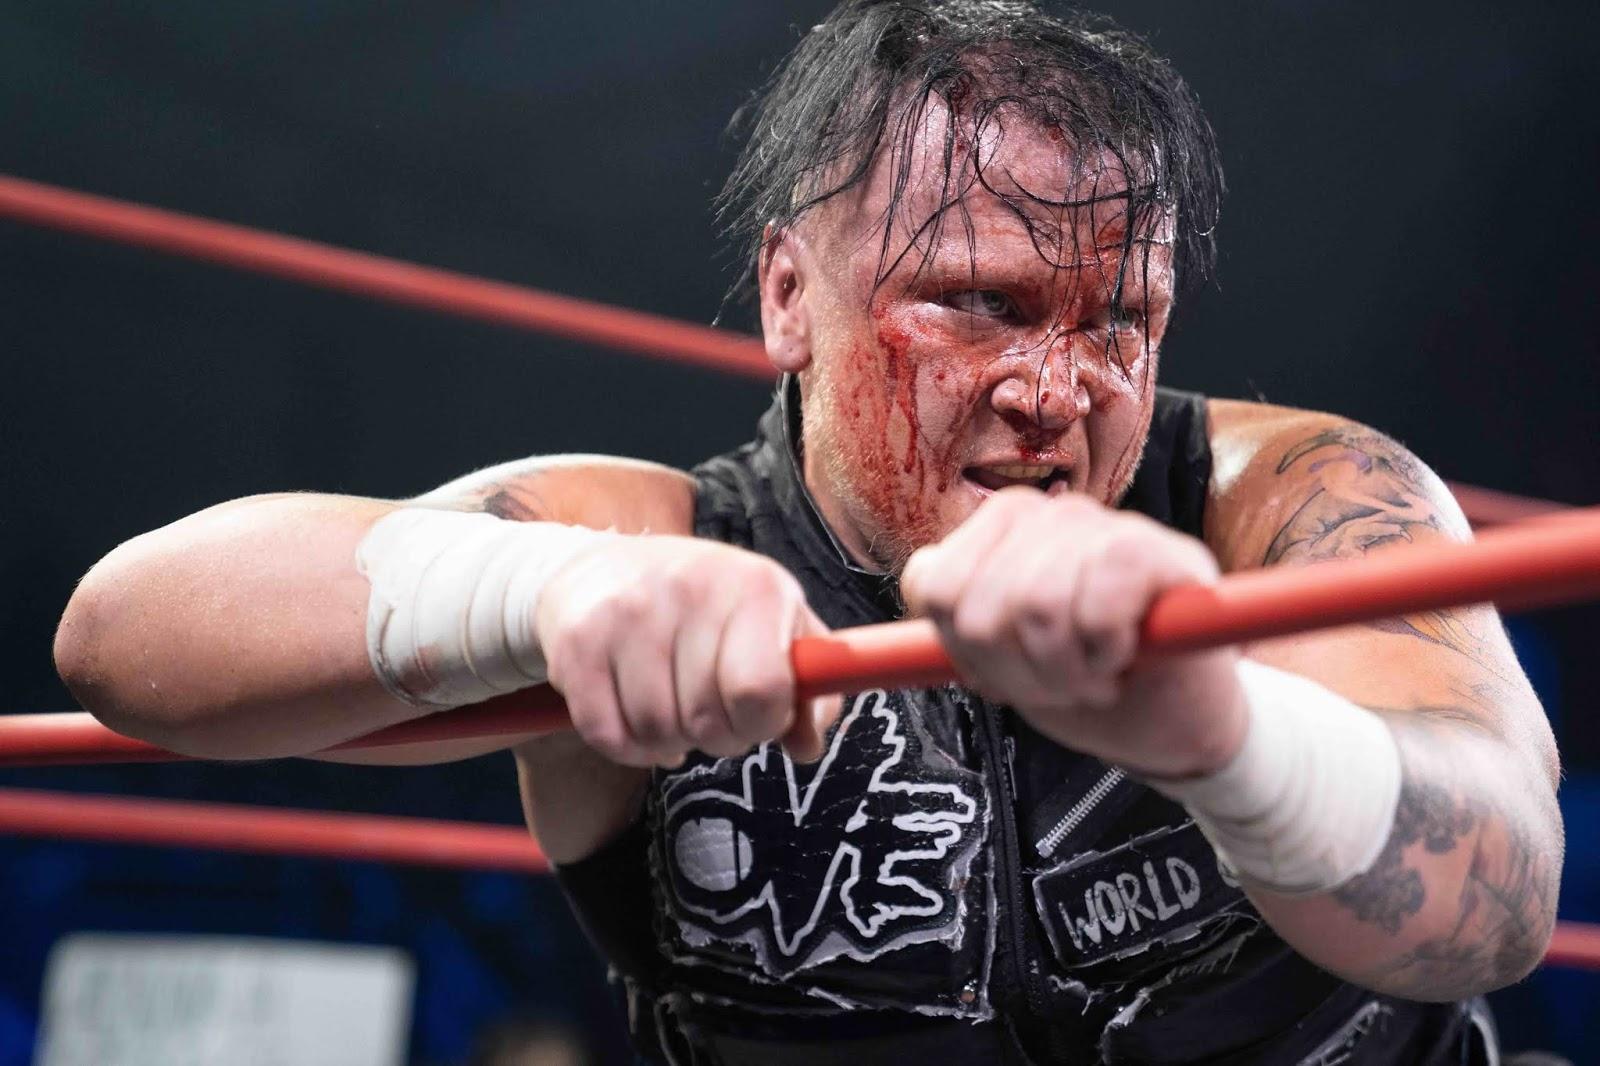 Michael Elgin e Sami Callihan protagonizaram pancadaria nas gravações do IMPACT Wrestling